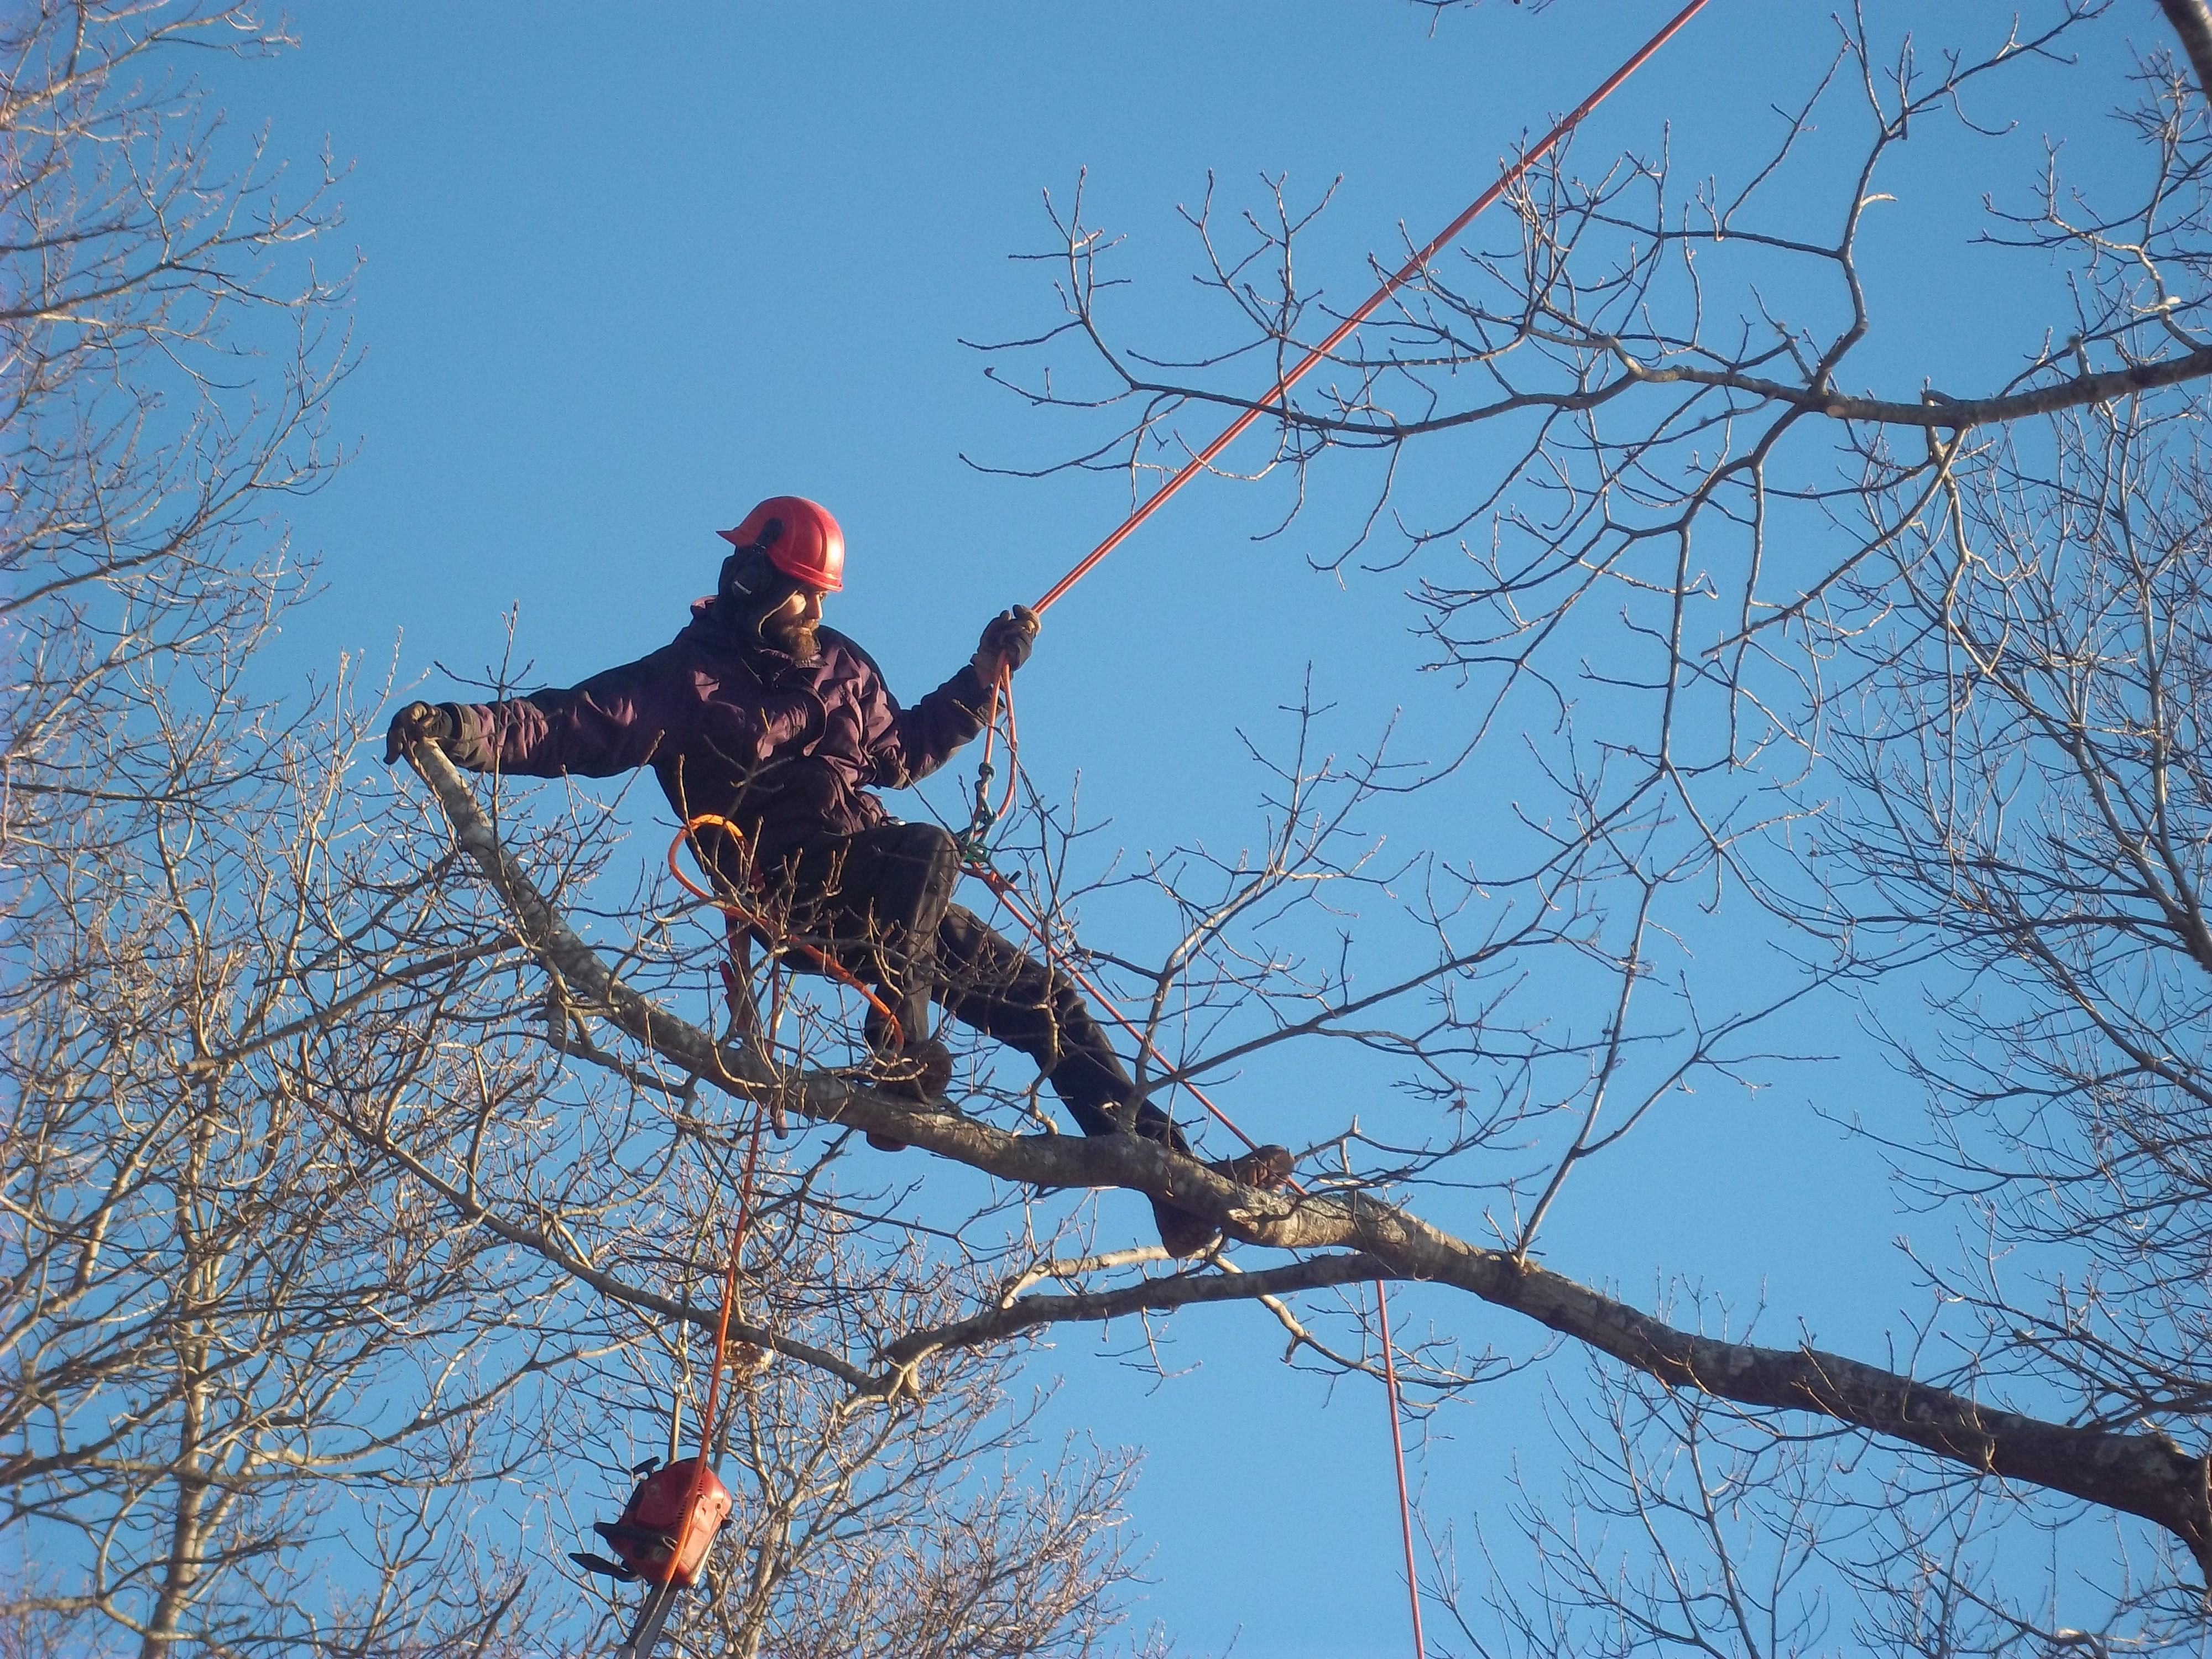 Pruning a Black Oak tree